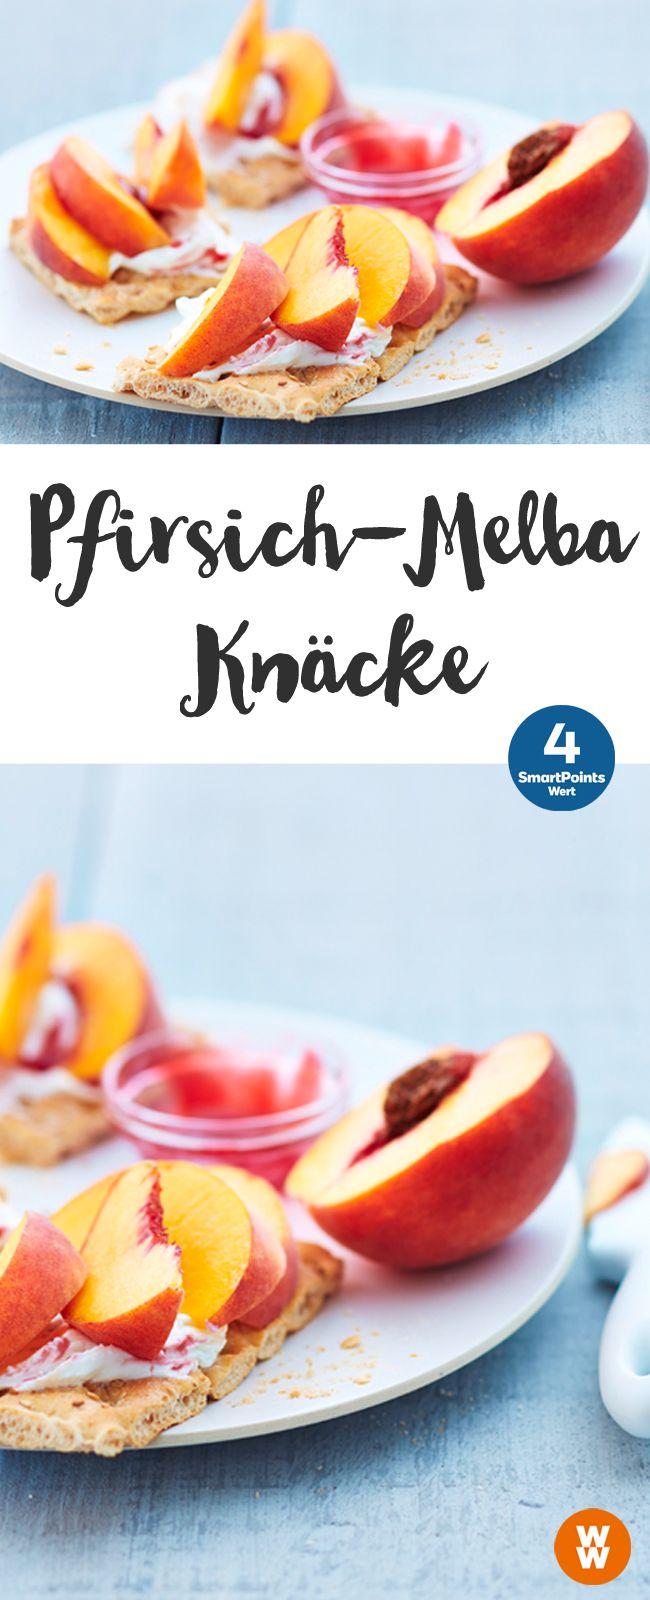 Pfirsich-Melba-Knäcke |4 SmartPoints/Portion, schnell & einfach, Weight Watchers, fertig in 5 min.